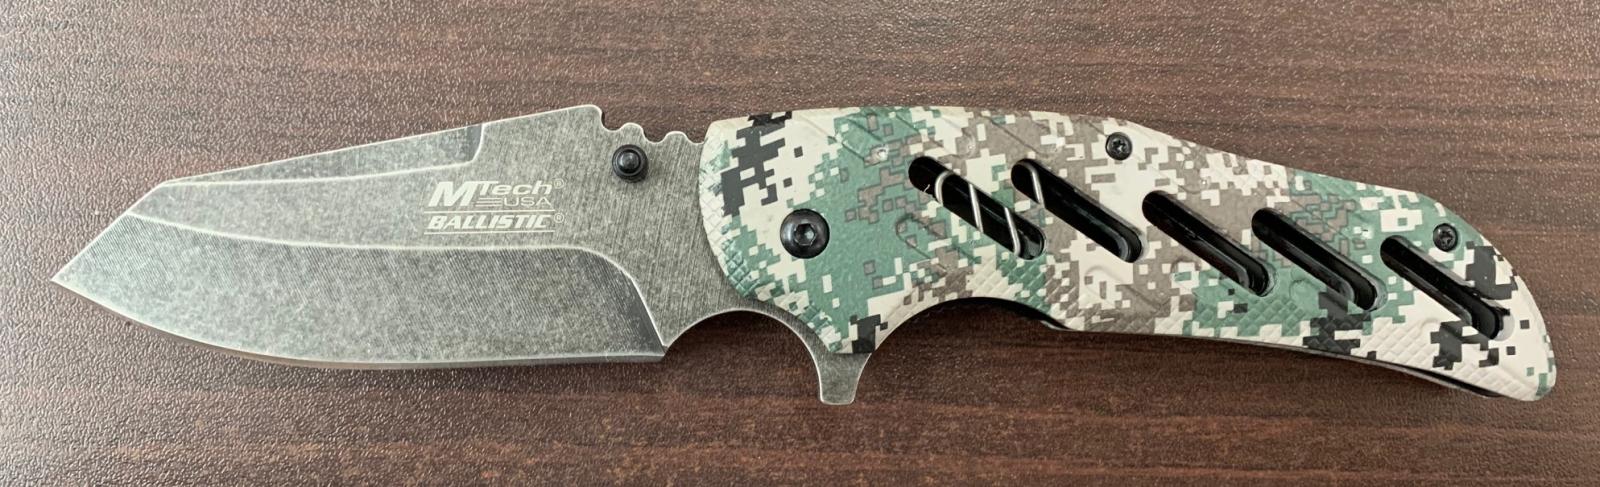 Складной нож M-Tech с камуфлированной рукоятью